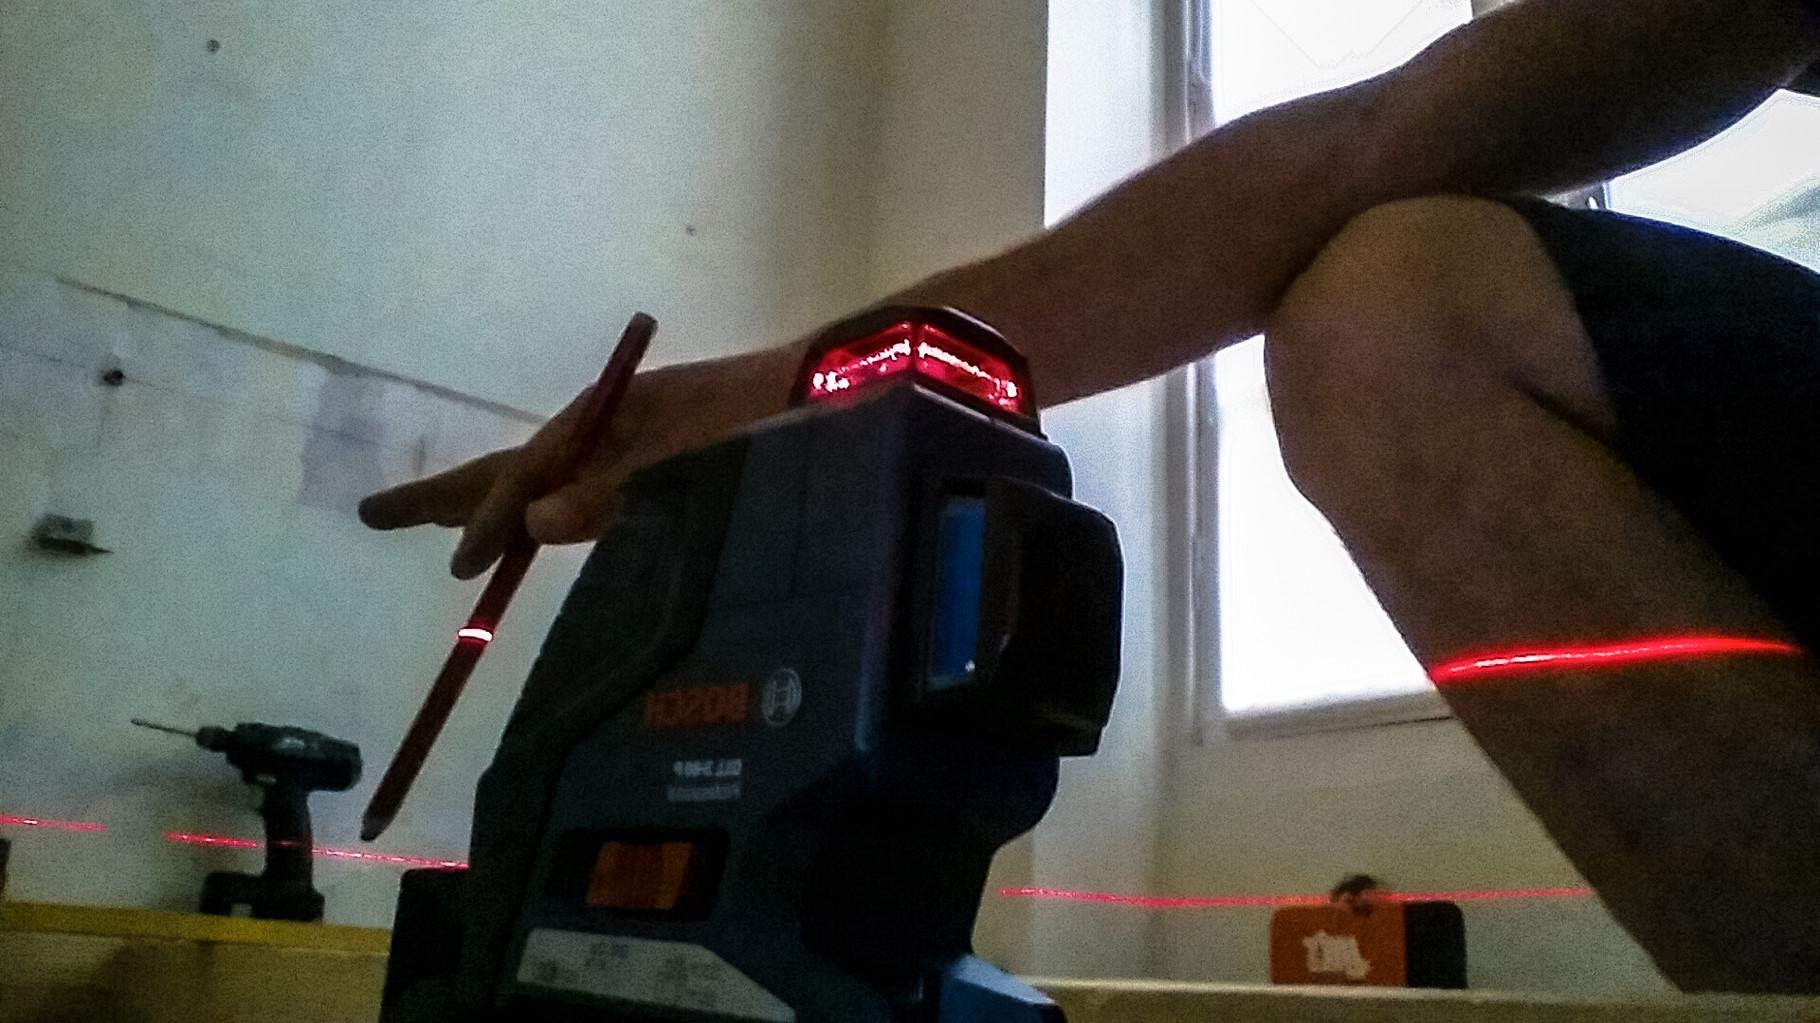 remise a niveau des sols a l'aide d'un laser rotatif